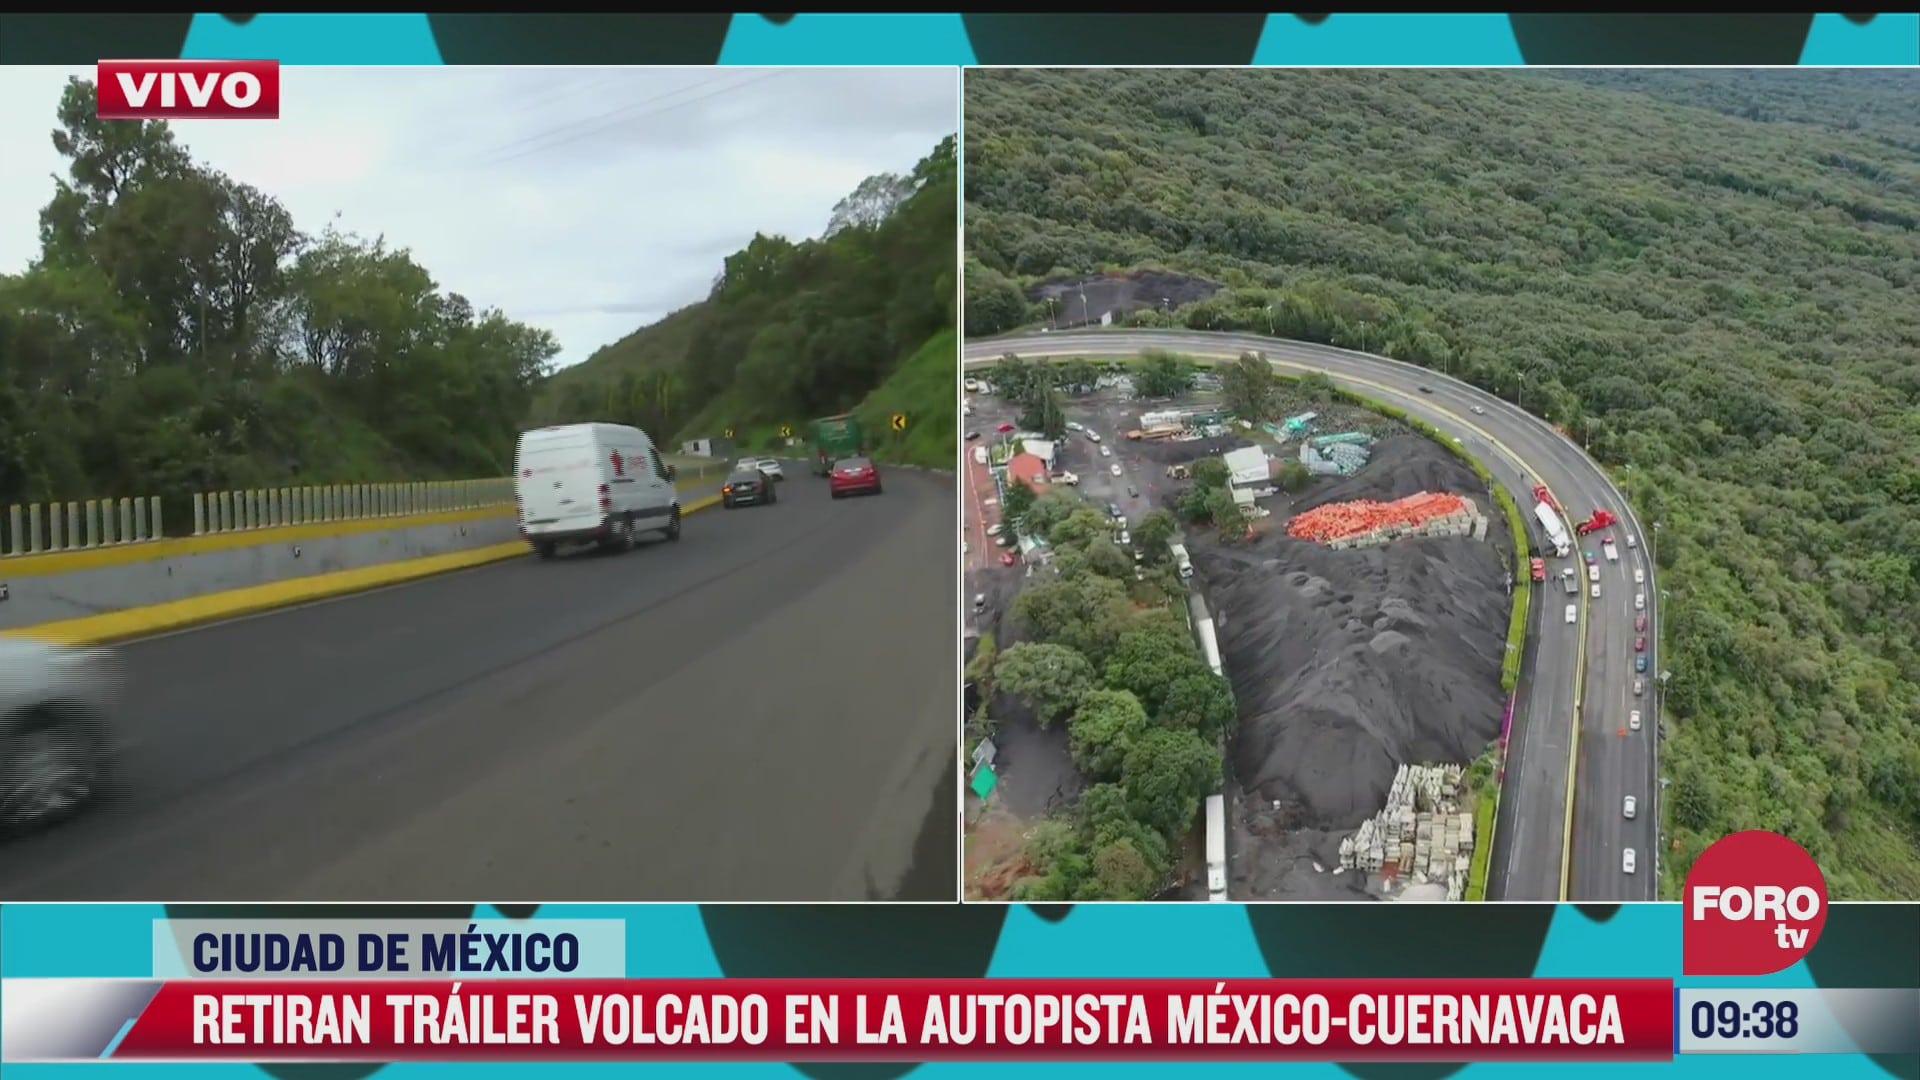 retiran trailer volcado en la autopista mexico cuernavaca 18 de junio del